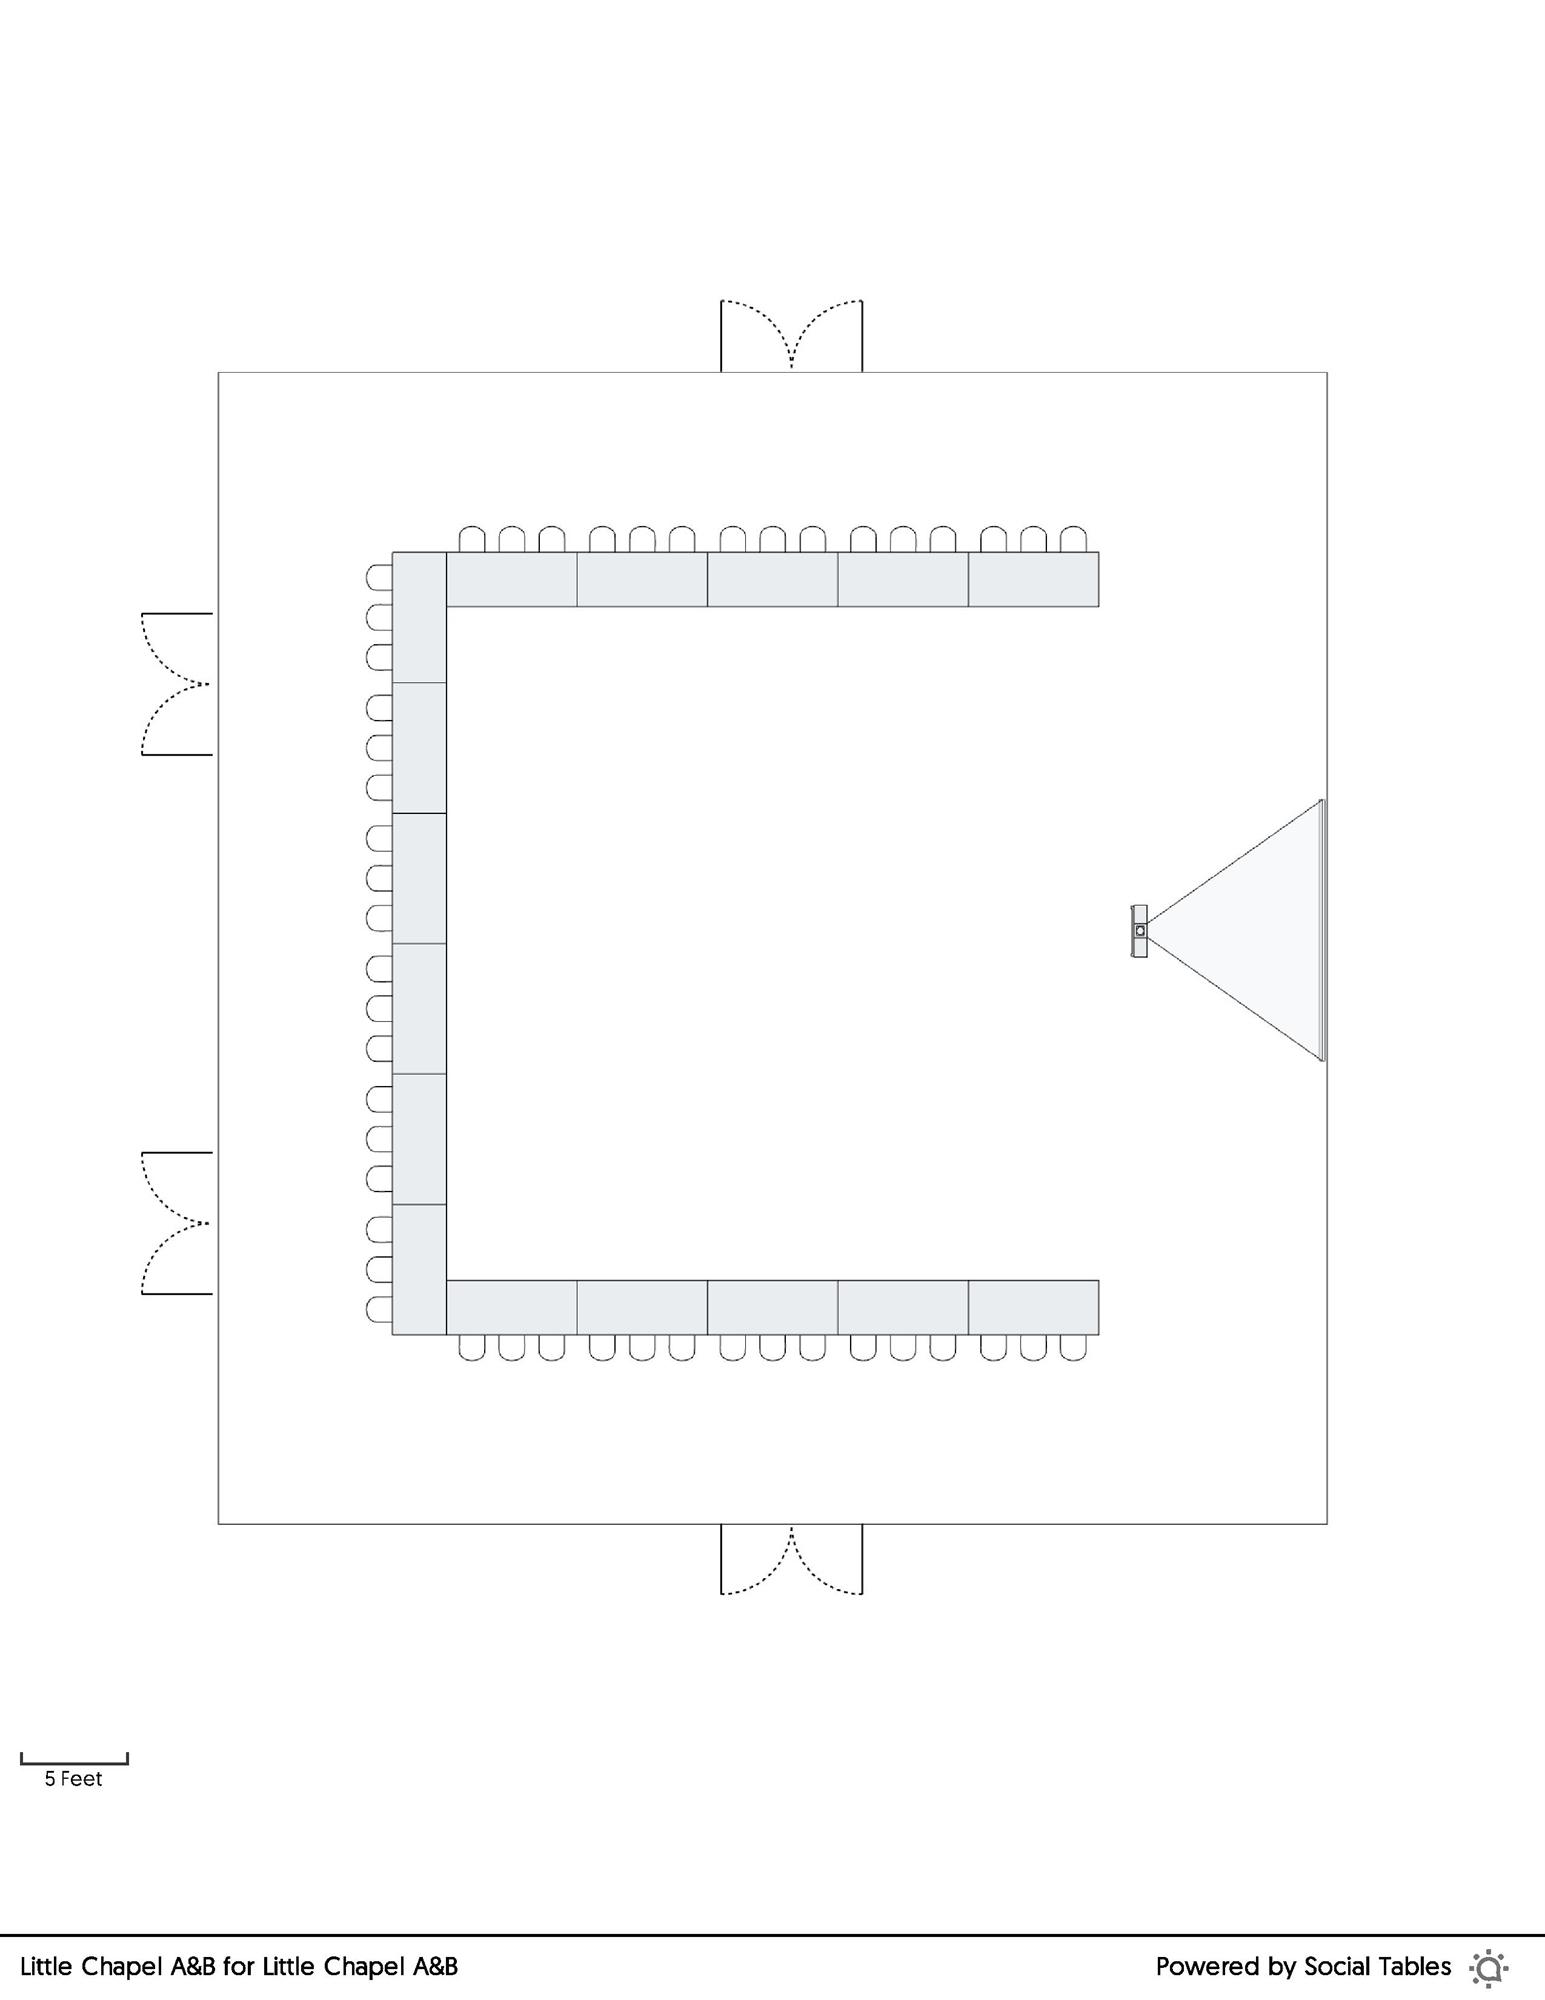 Little Chapel A&B U-Shape floorplan